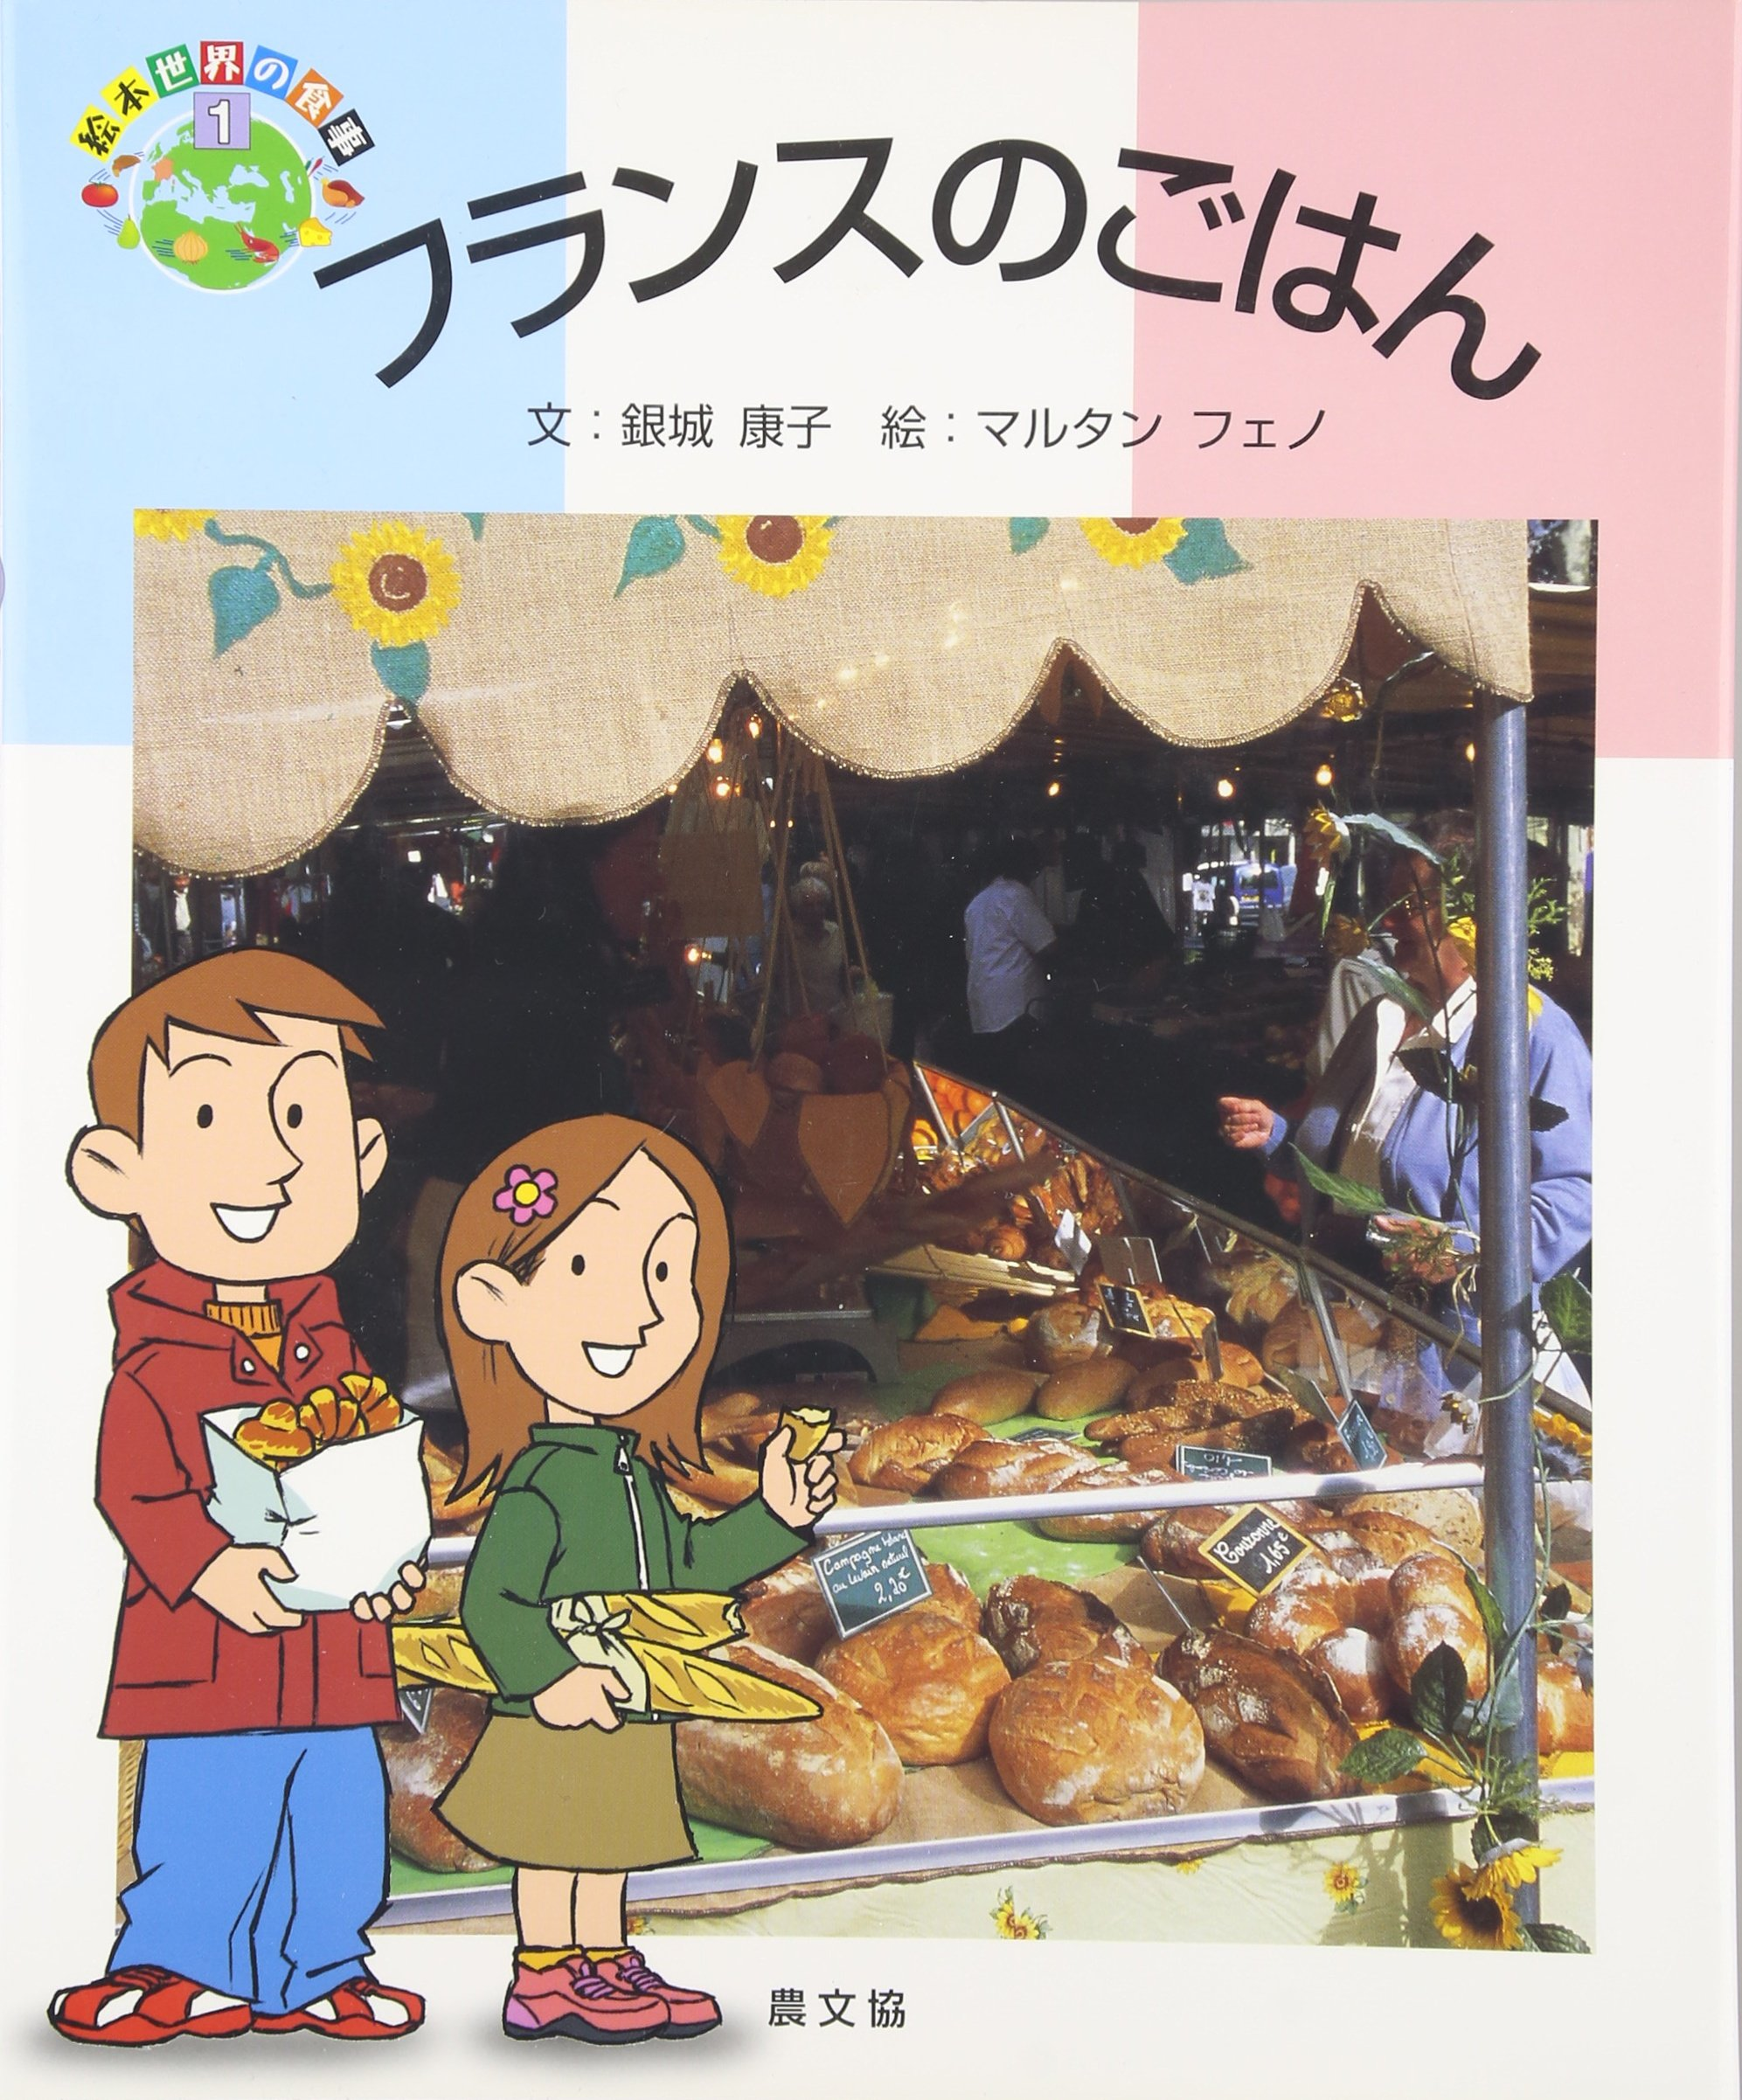 フランスのごはん (絵本 世界の食事): Yasuko GinjoÌ